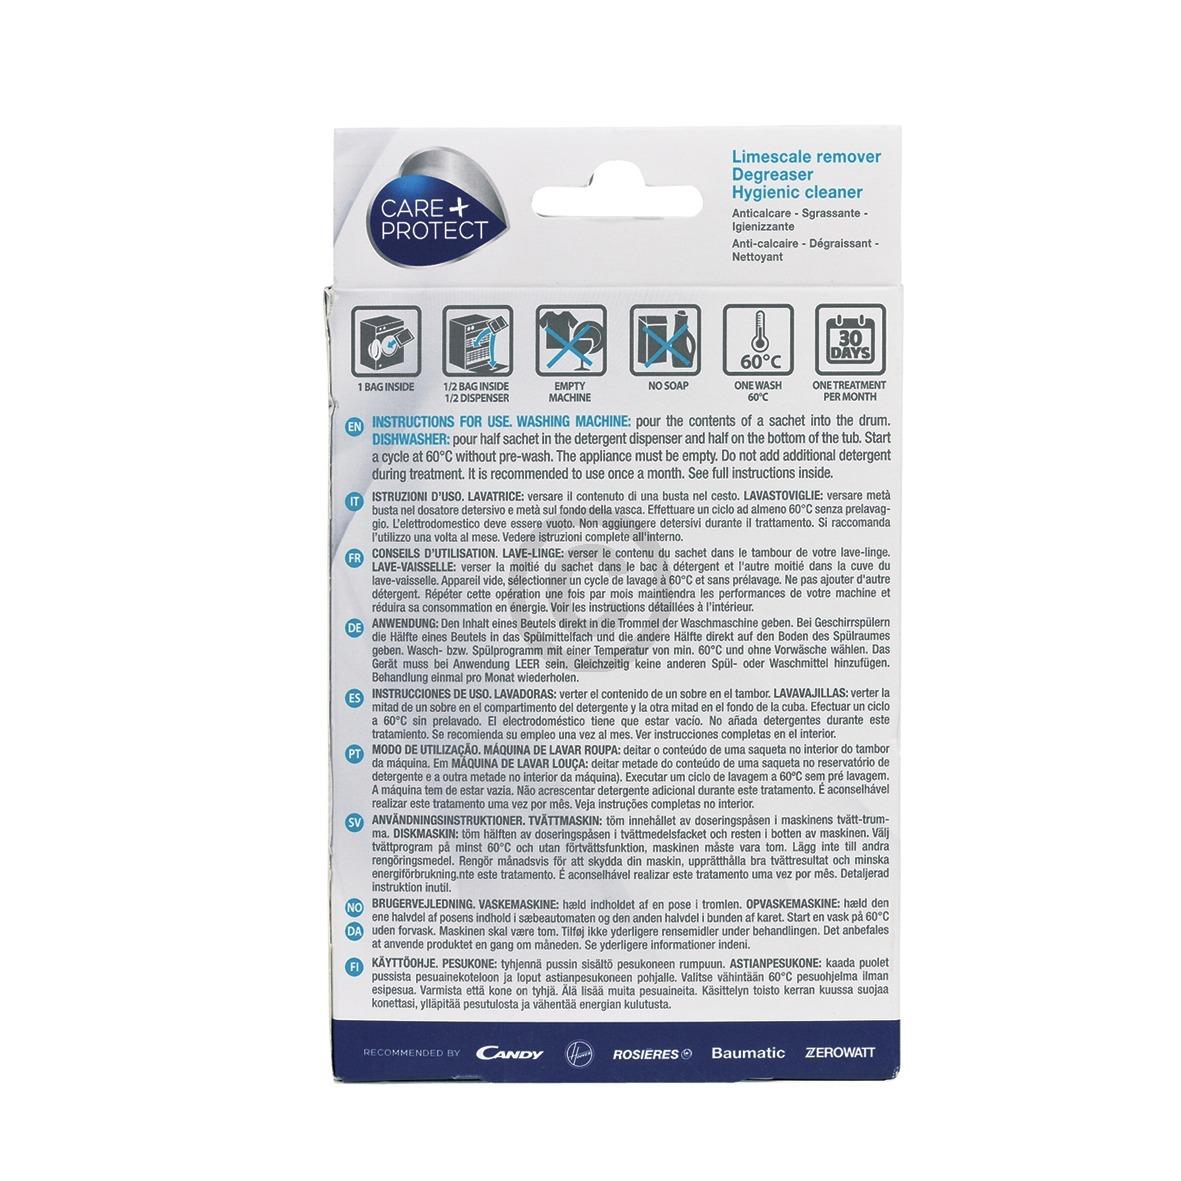 Maschinen-Reiniger Candy 35601769 CDP1004 Care+Protect für Waschmaschine